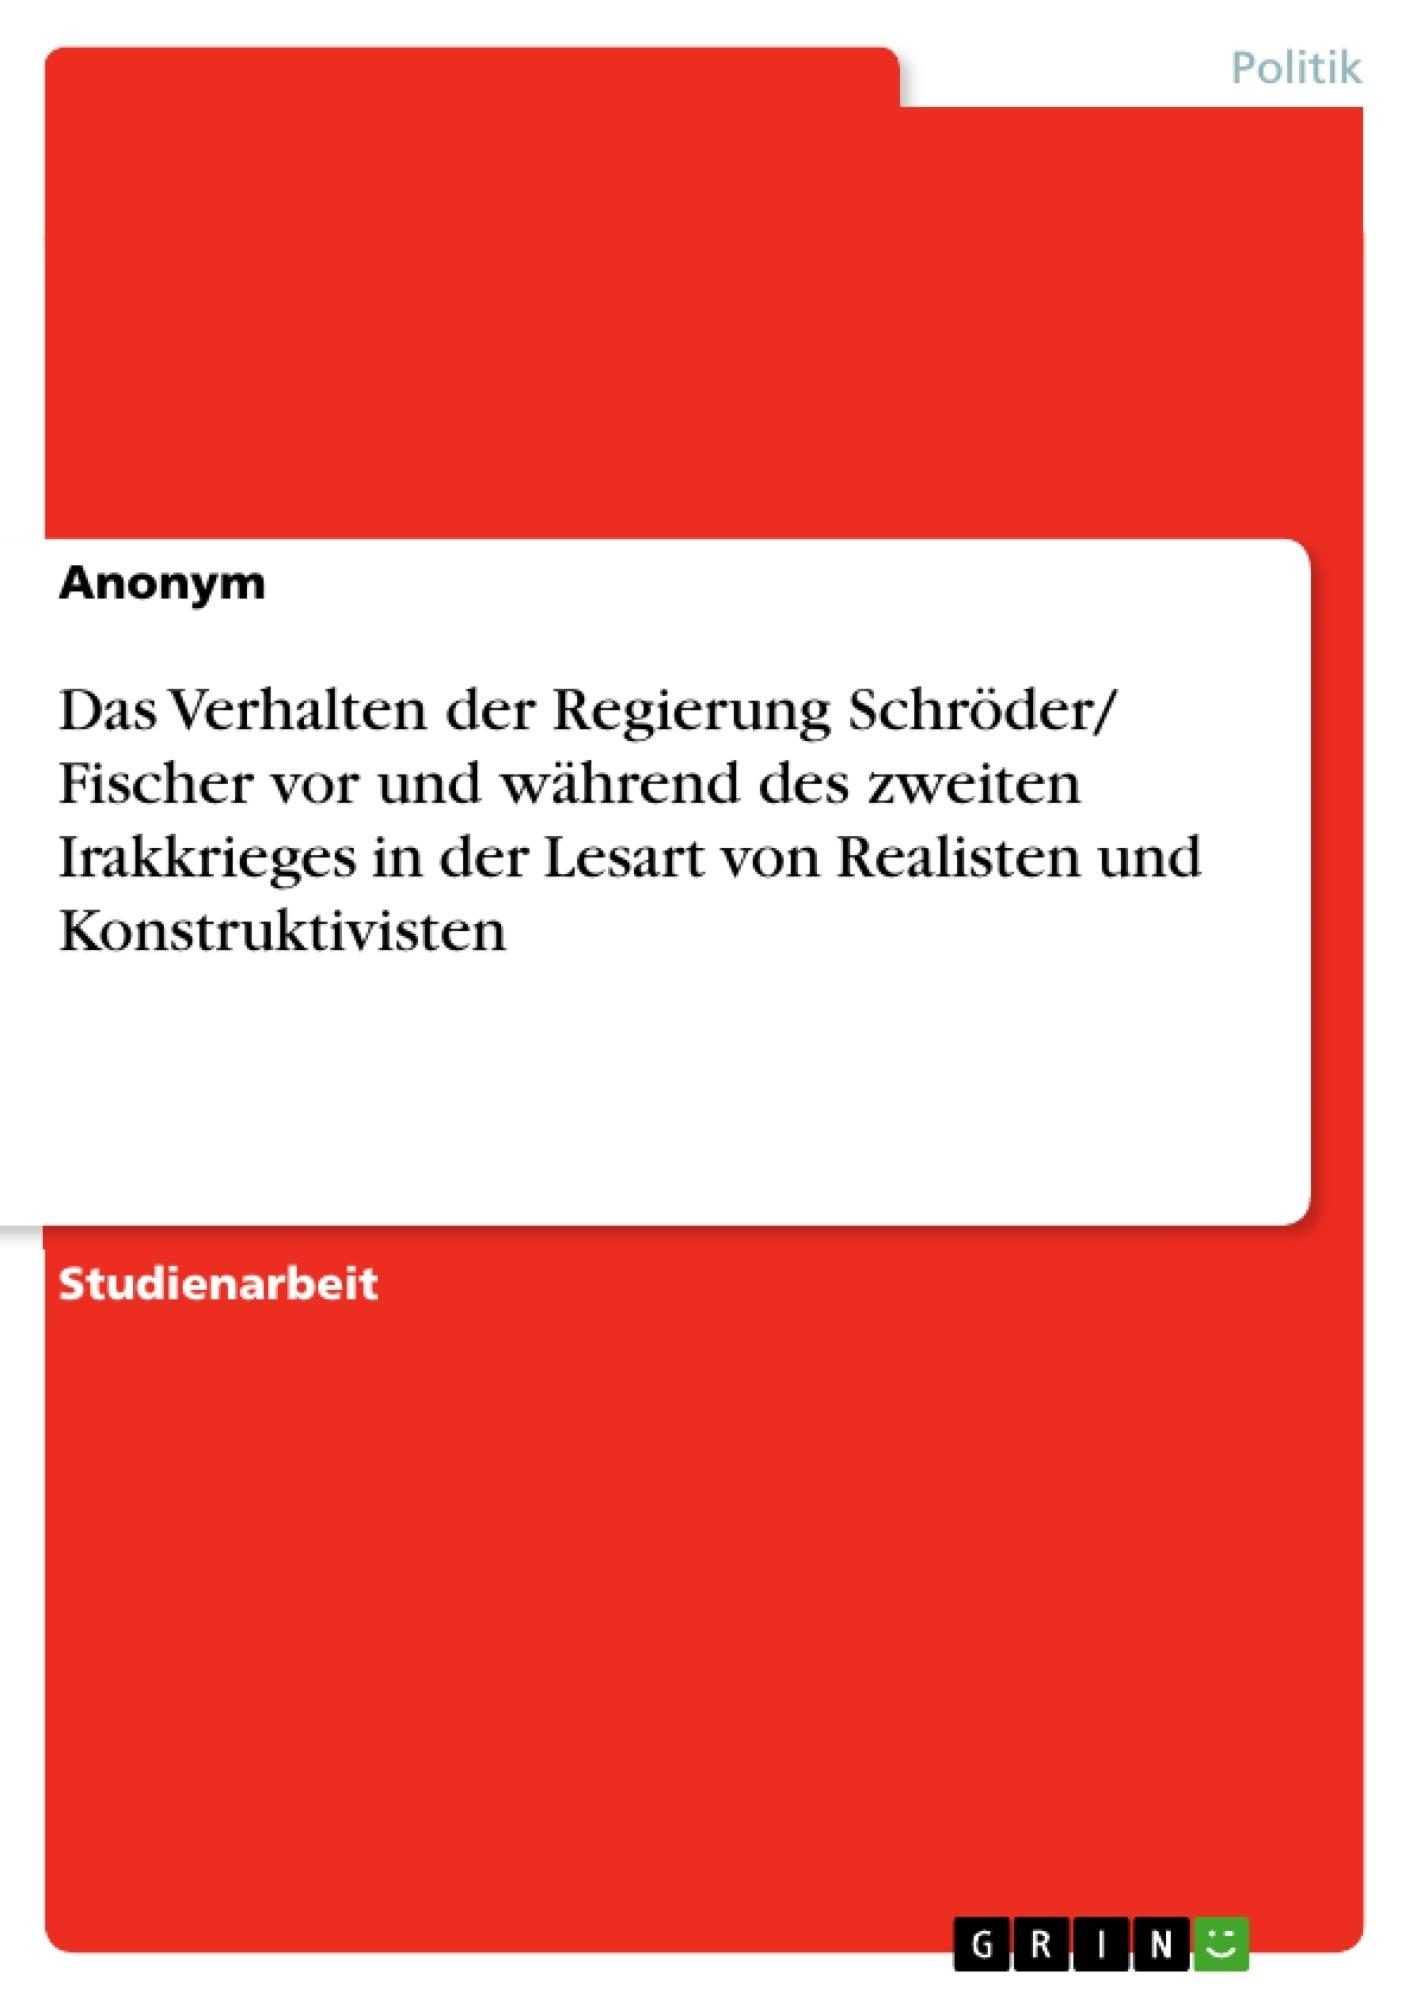 Titel: Das Verhalten der Regierung Schröder/ Fischer vor und während des zweiten Irakkrieges in der Lesart von Realisten und Konstruktivisten